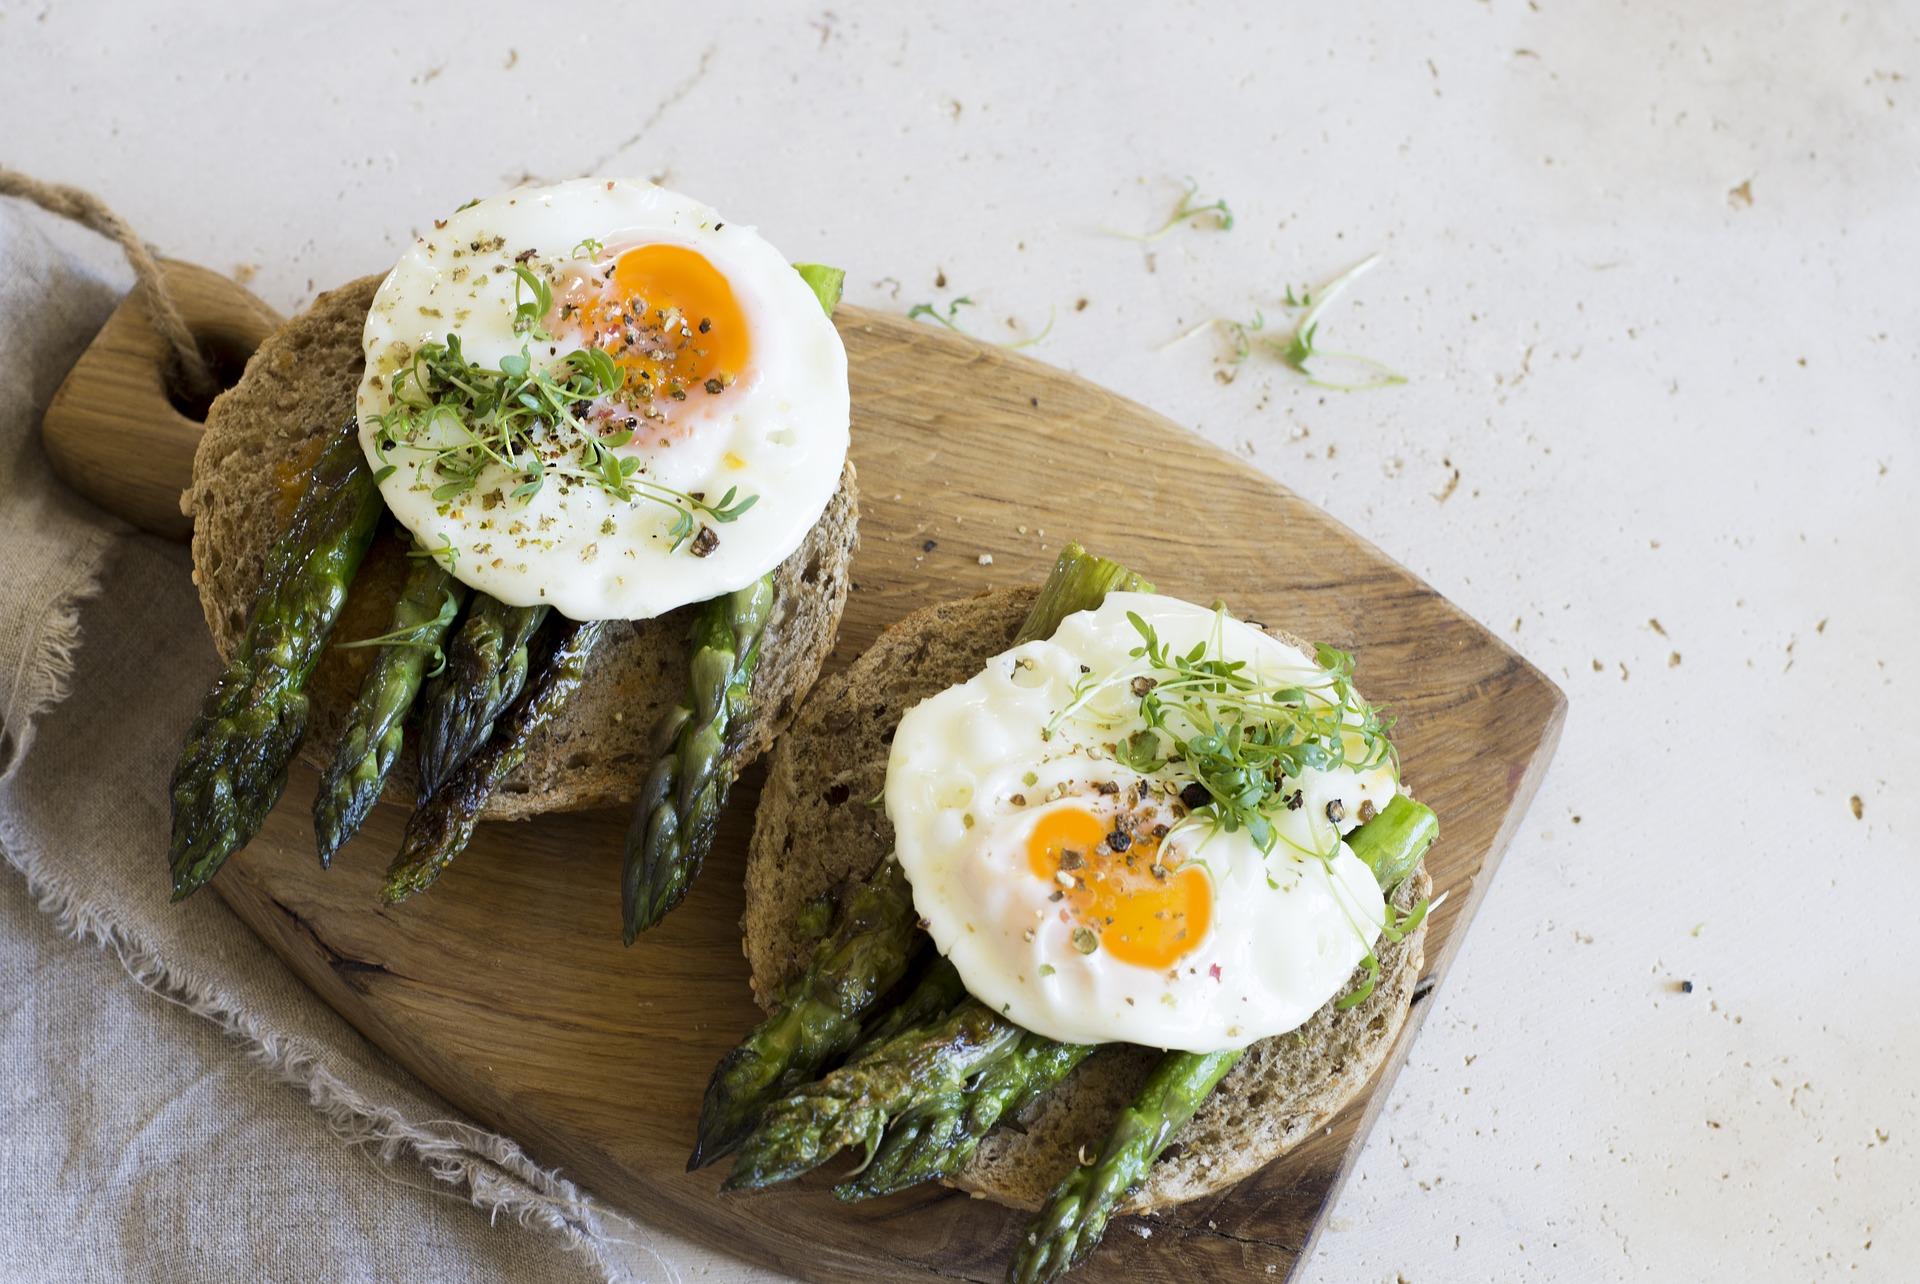 Desayuno con huevo.